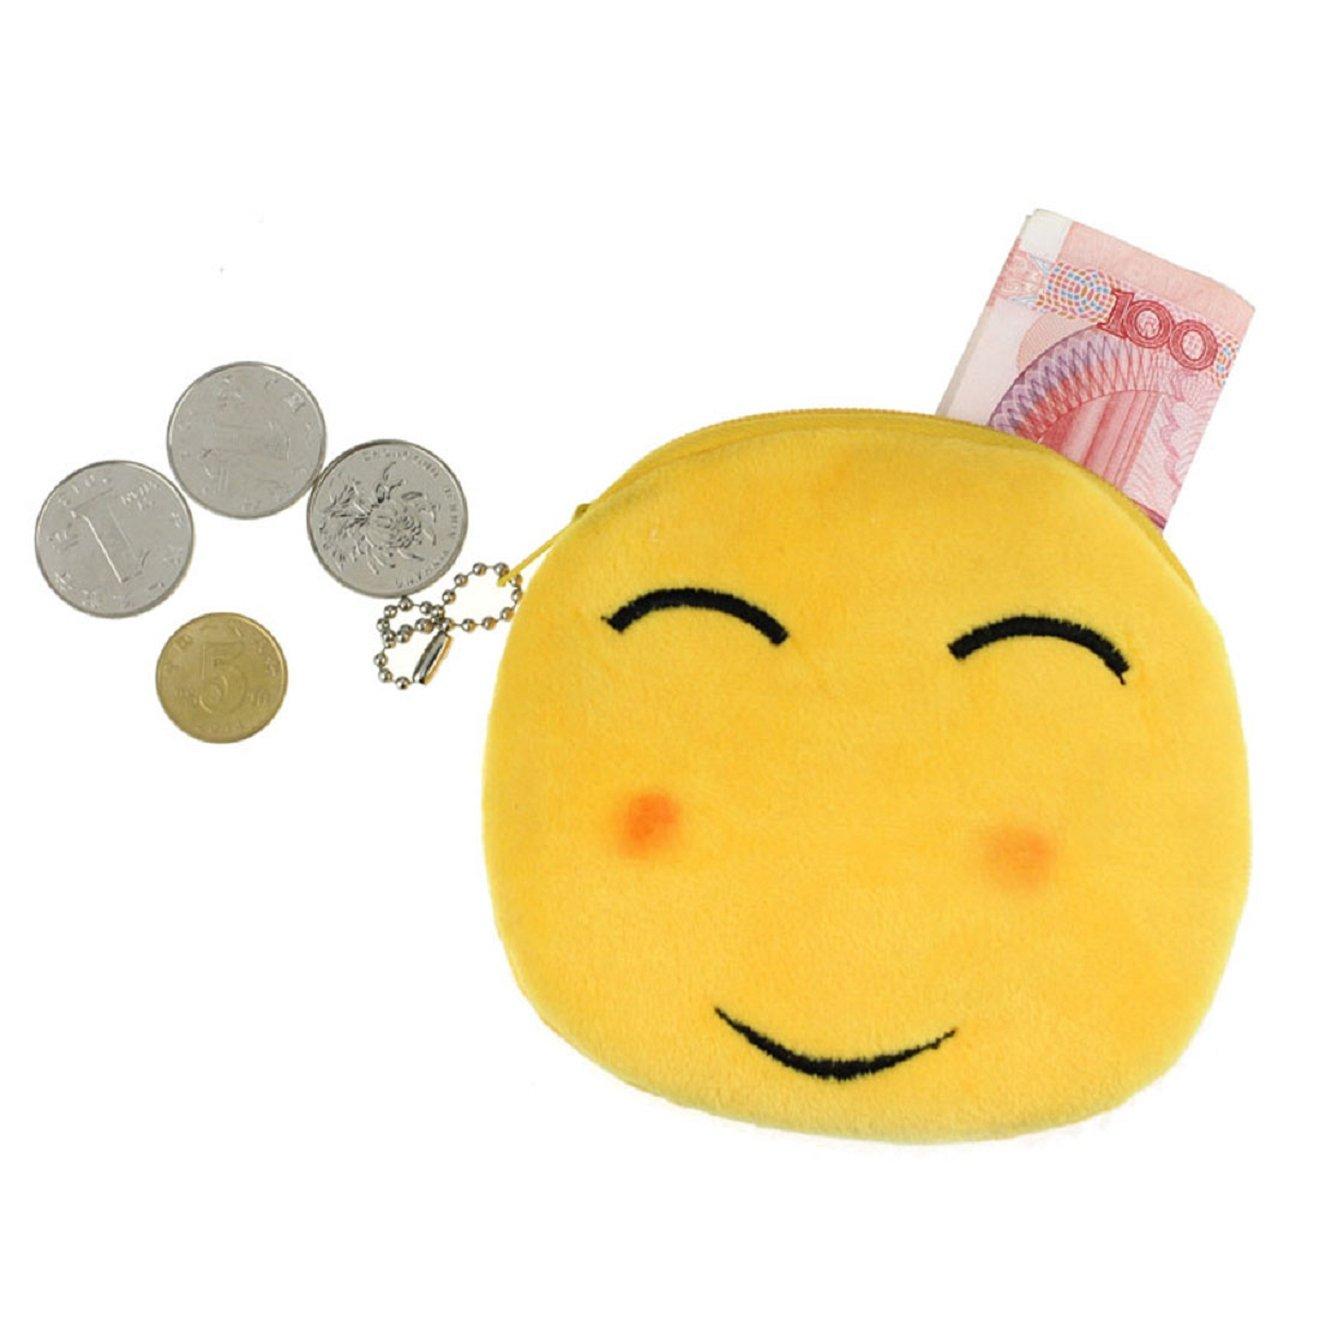 Malloom®moda mujeres chica dama precioso QQ Emoji Smiley pequeña carpeta monedero del bolso monedero del cambio carteras de monedas billetera como regalo ...